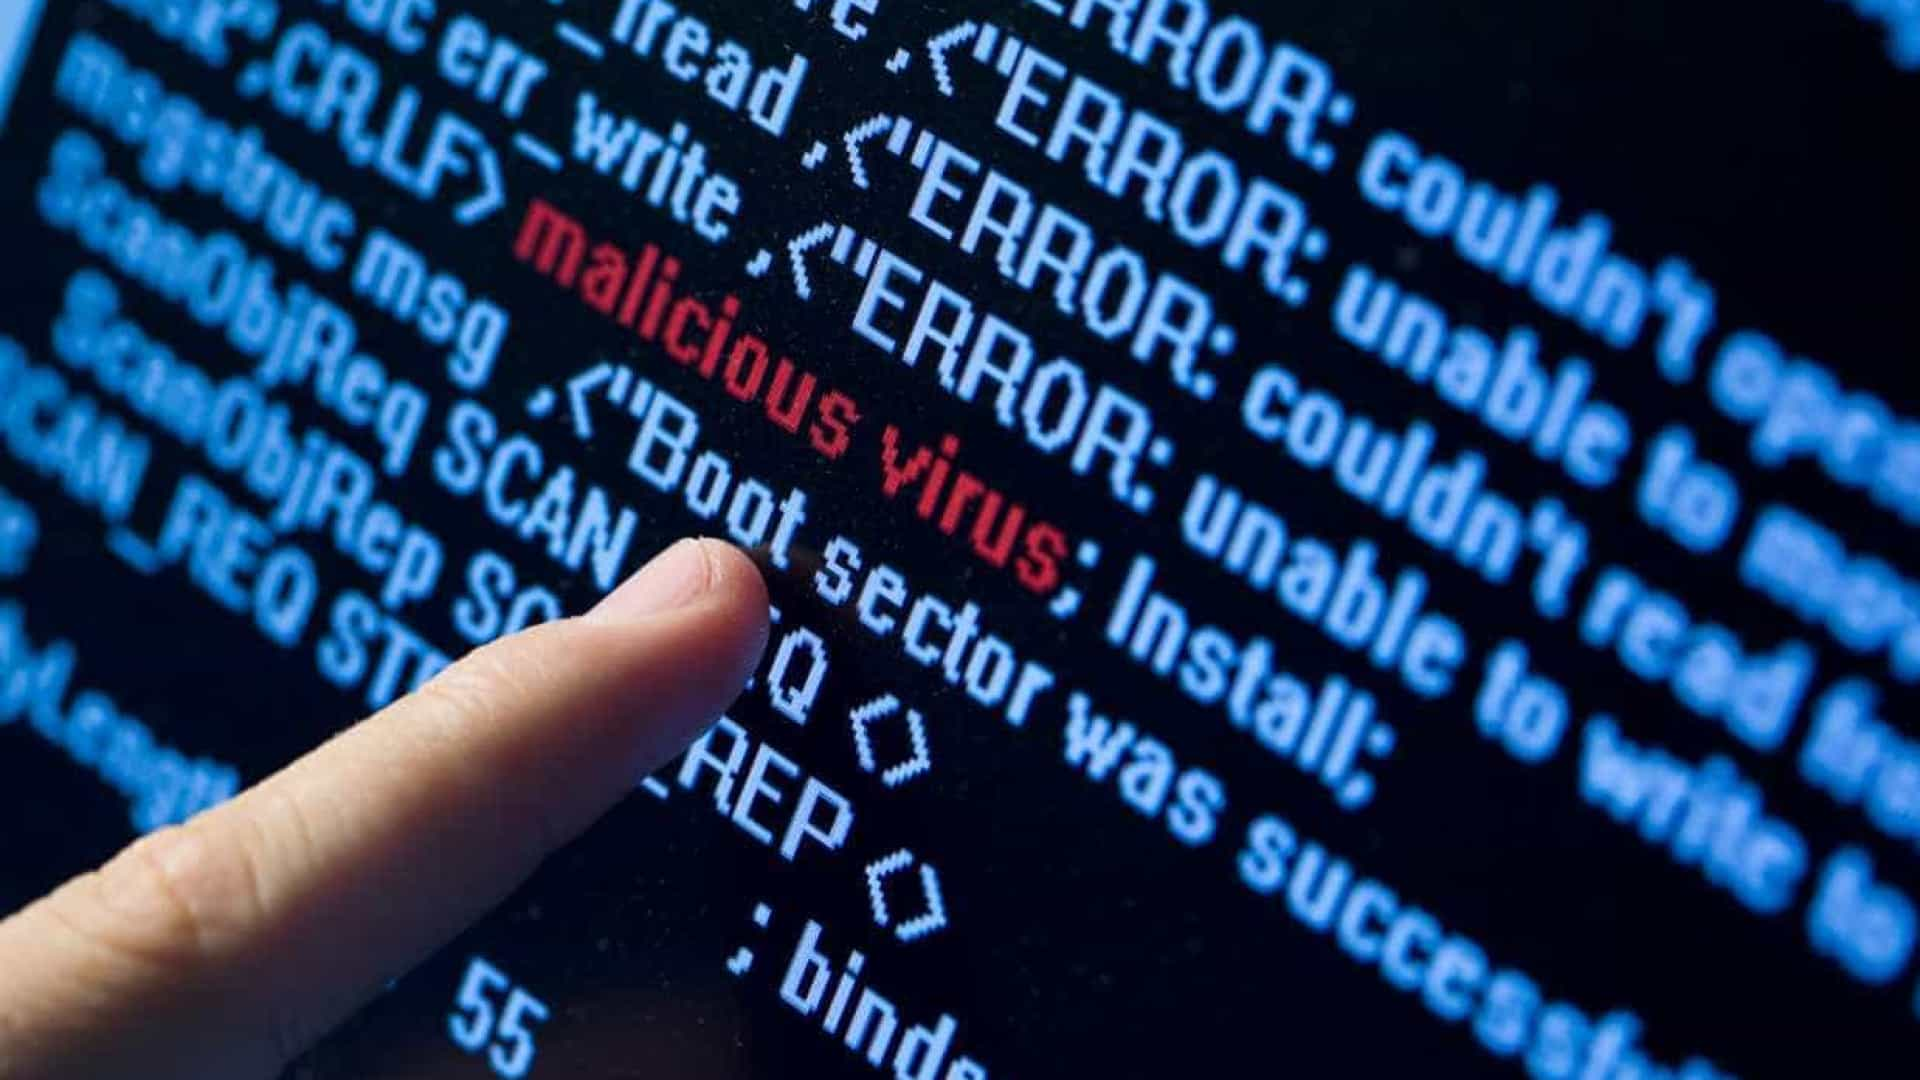 UE. Conselho aprova novo centro de competências em cibersegurança